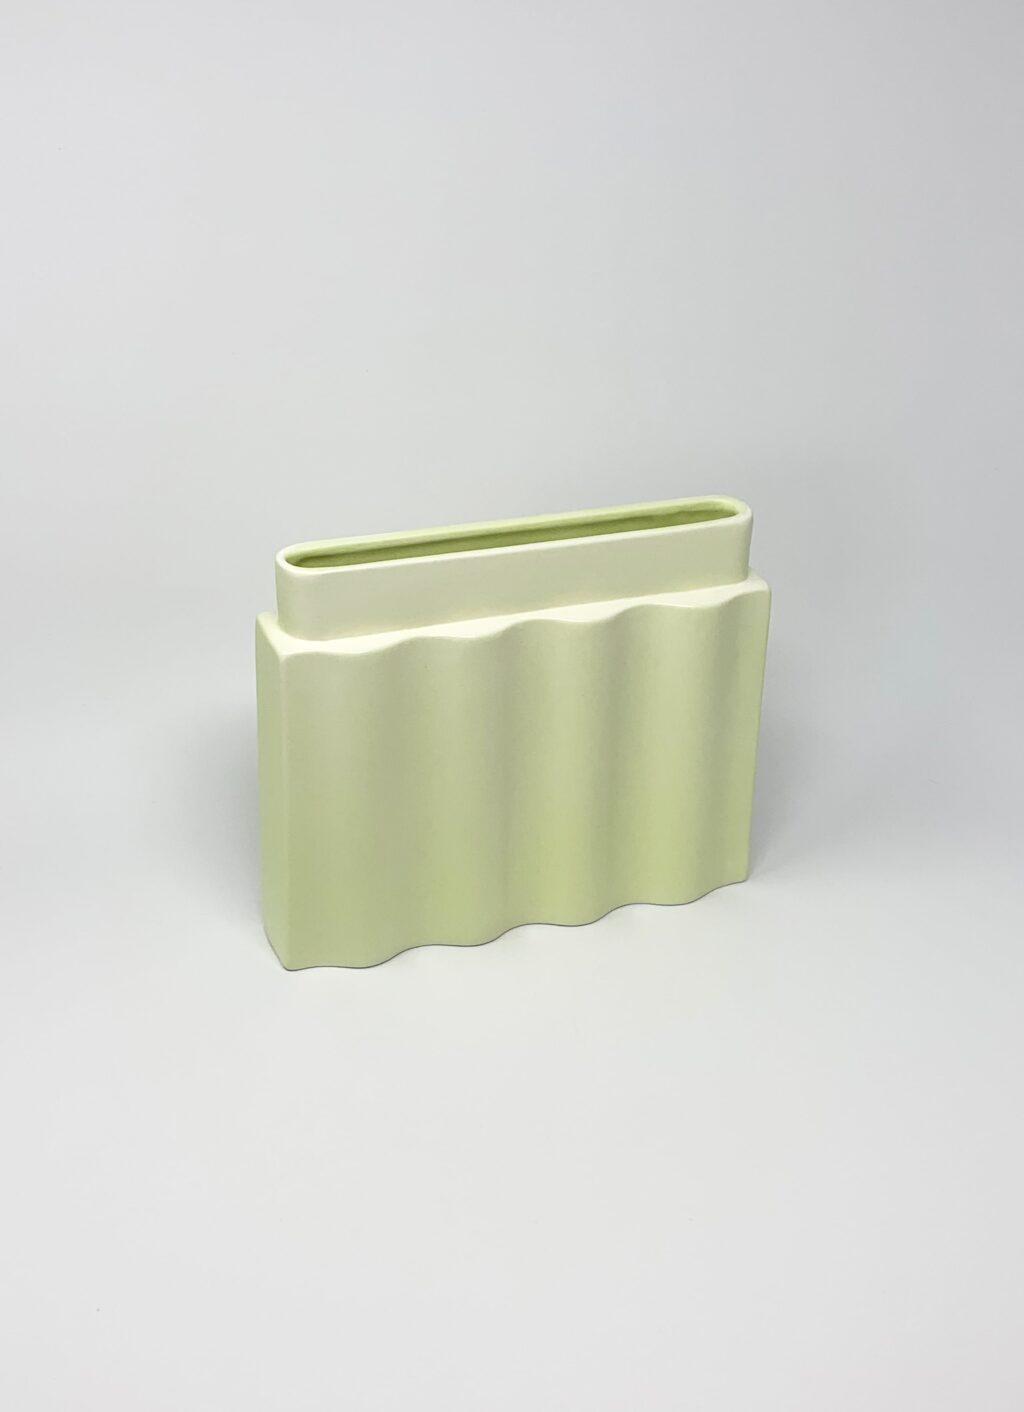 Los Objetos Decorativos - Waves Vase - Lime